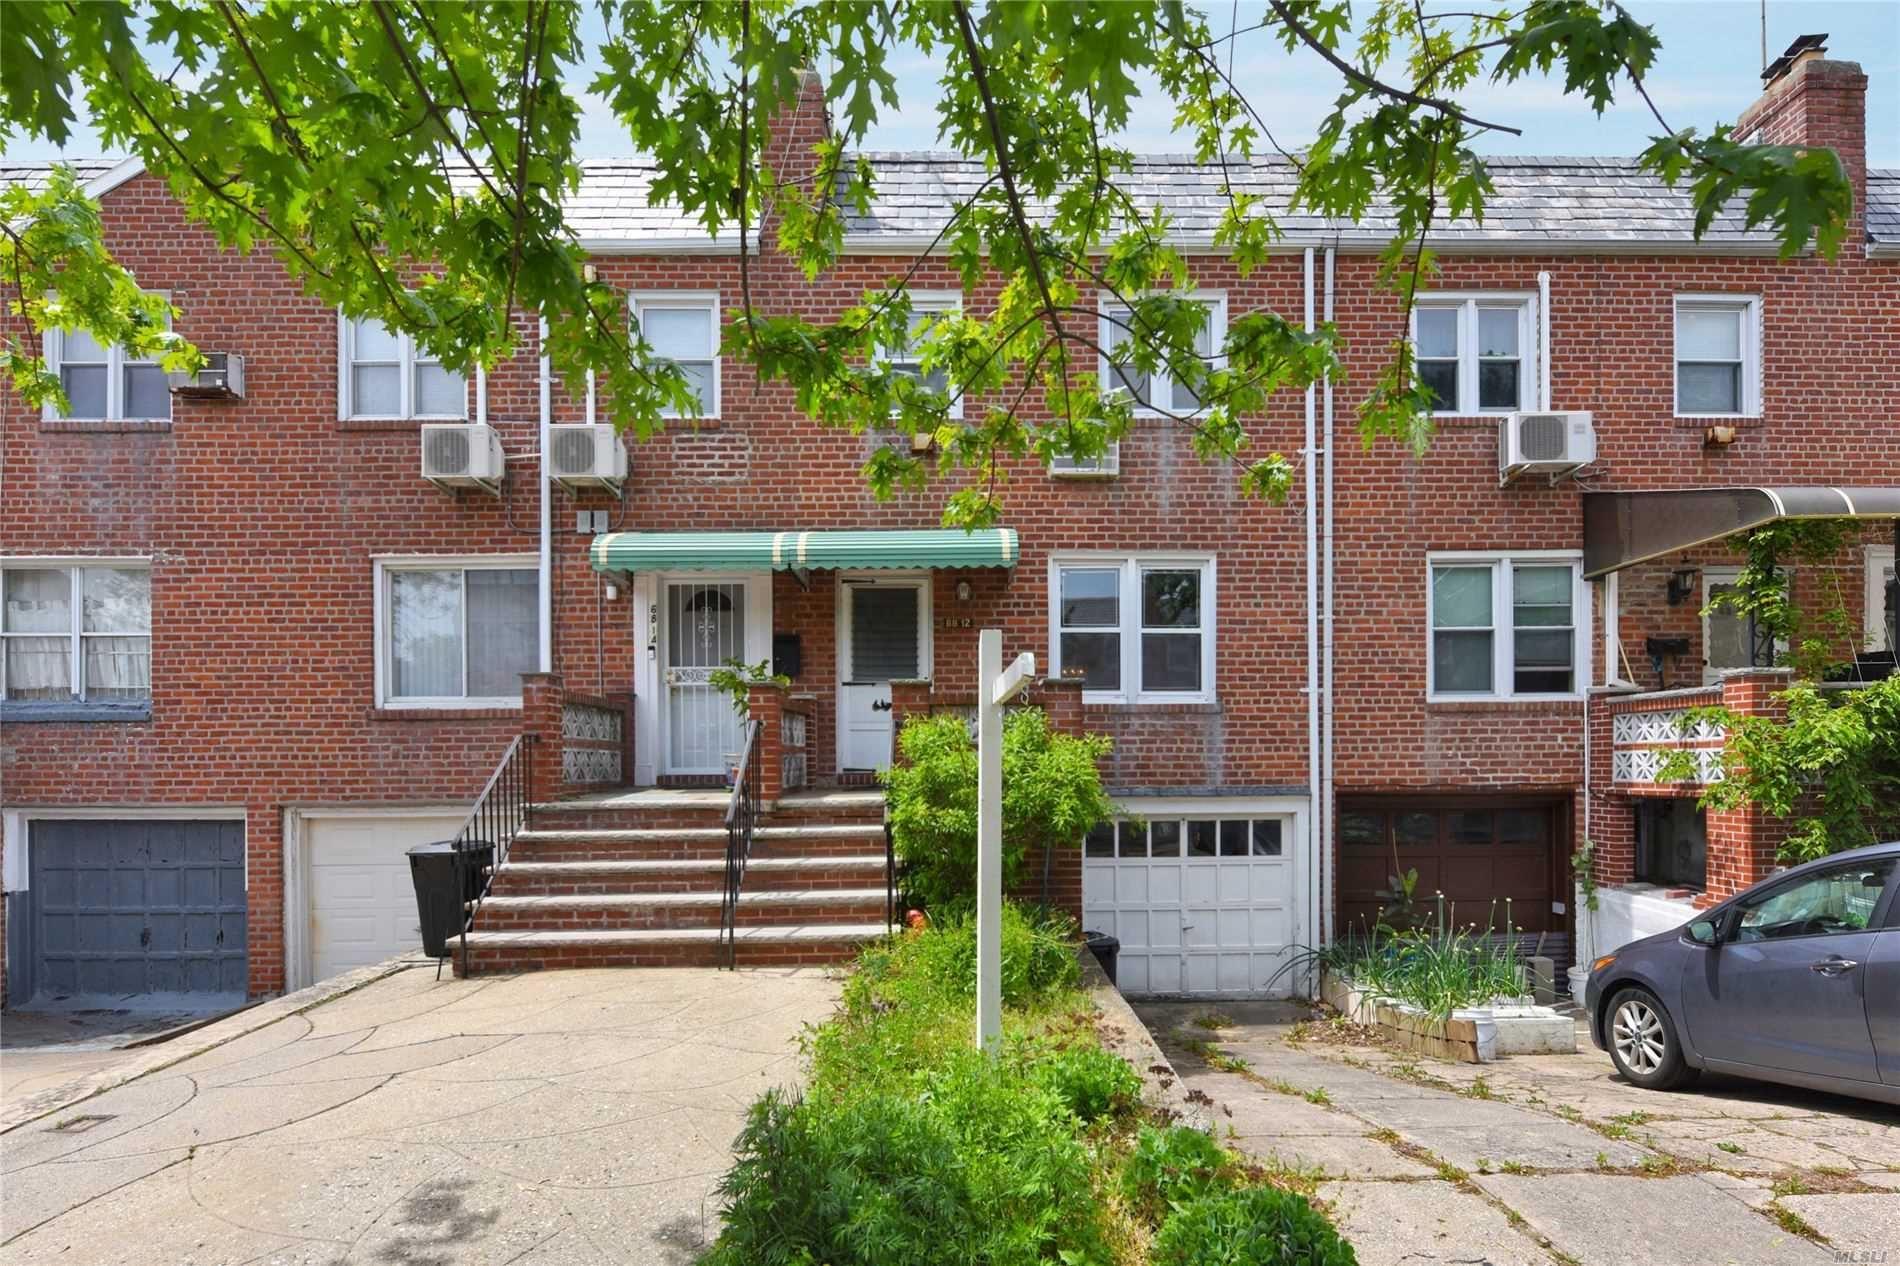 68-12 174 Street, Fresh Meadows, NY 11365 - MLS#: 3199986